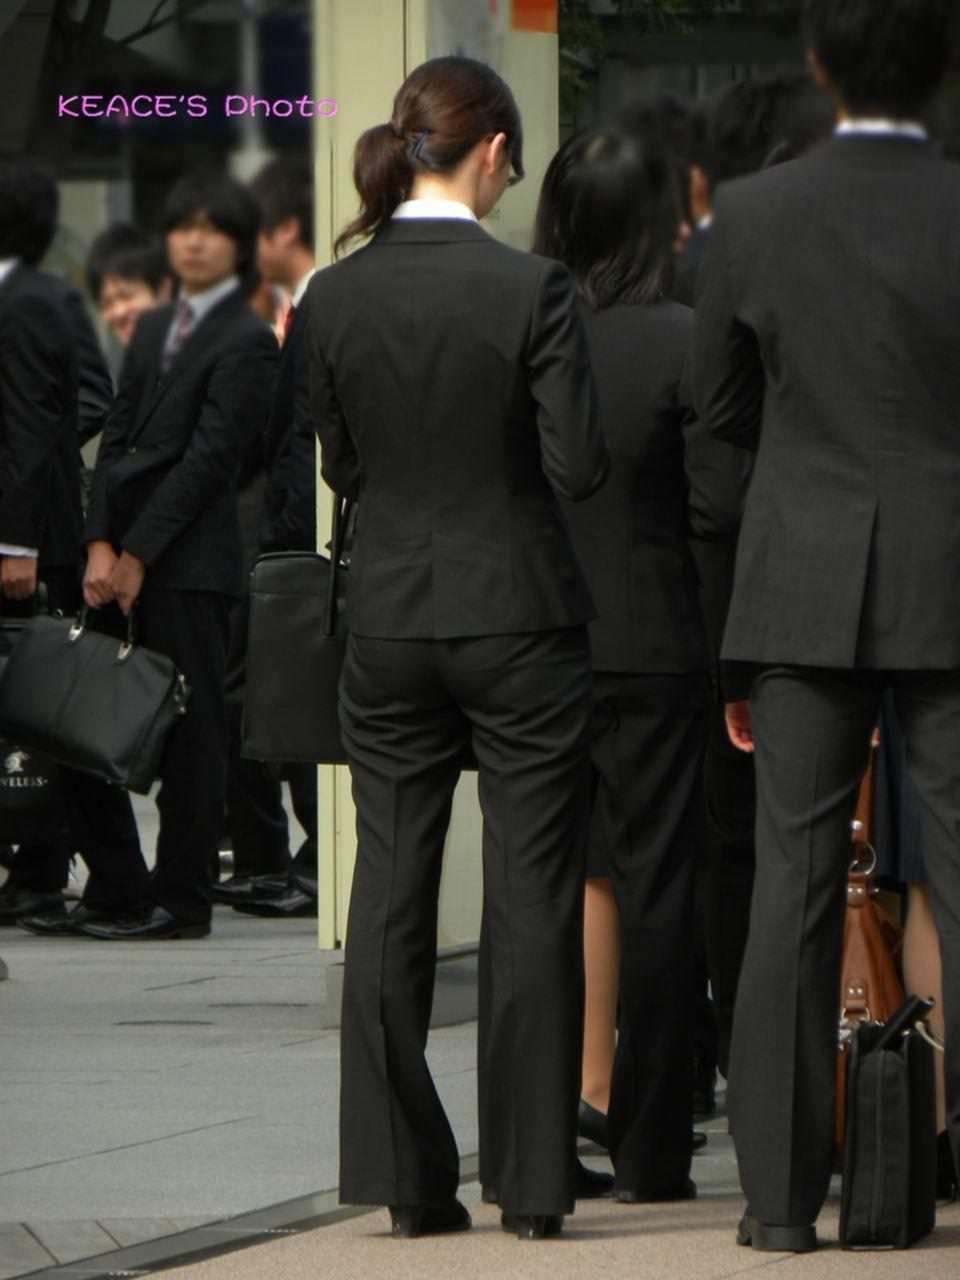 お尻のラインがくっきりハッキリしてる街撮り画像!!!!!!!! 2508